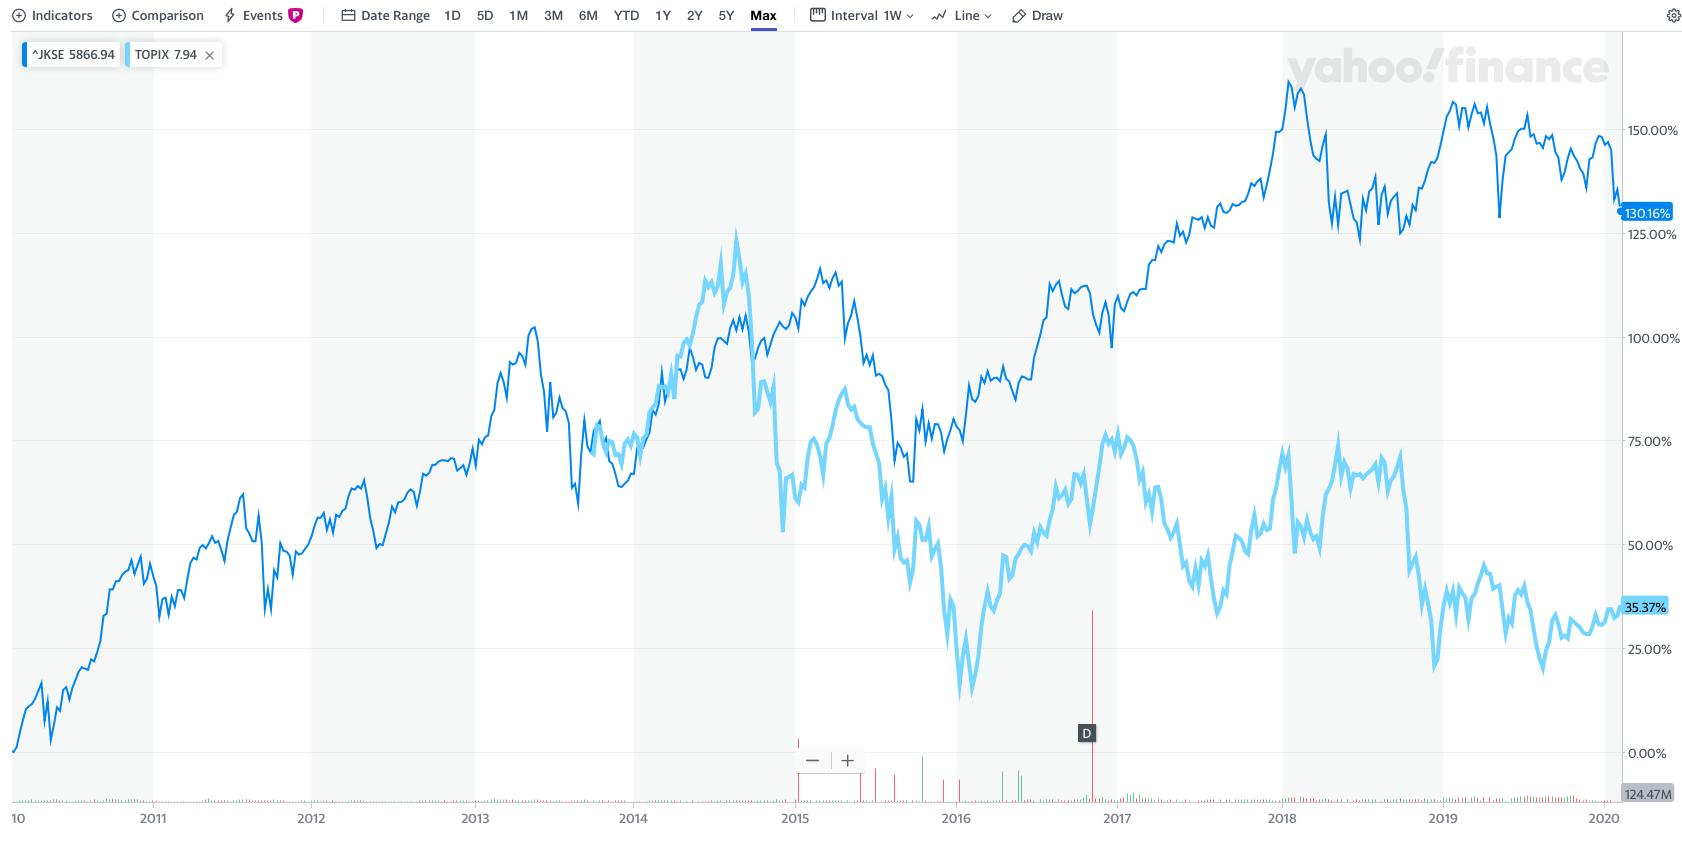 ジャカルタ総合指数とTOPIXの比較